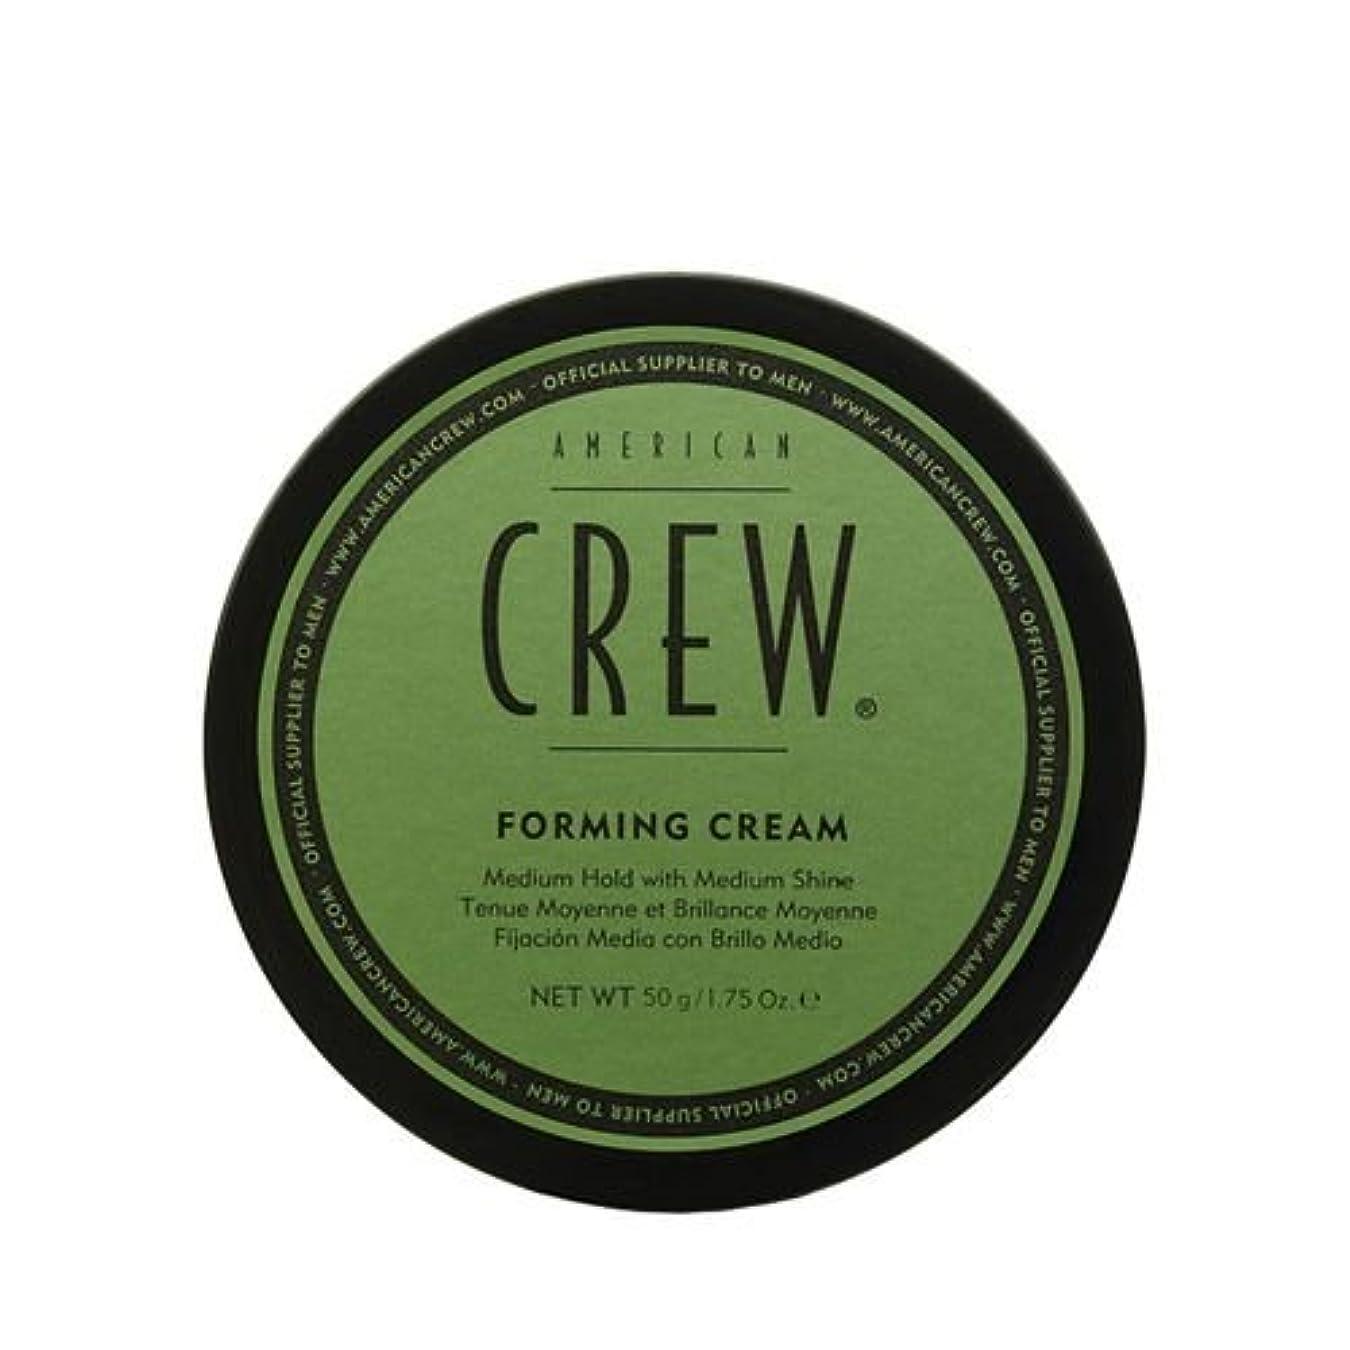 経験者どうやら書道アメリカン クルー フォーミングヘアクリーム American Crew Forming Cream 50g [並行輸入品]